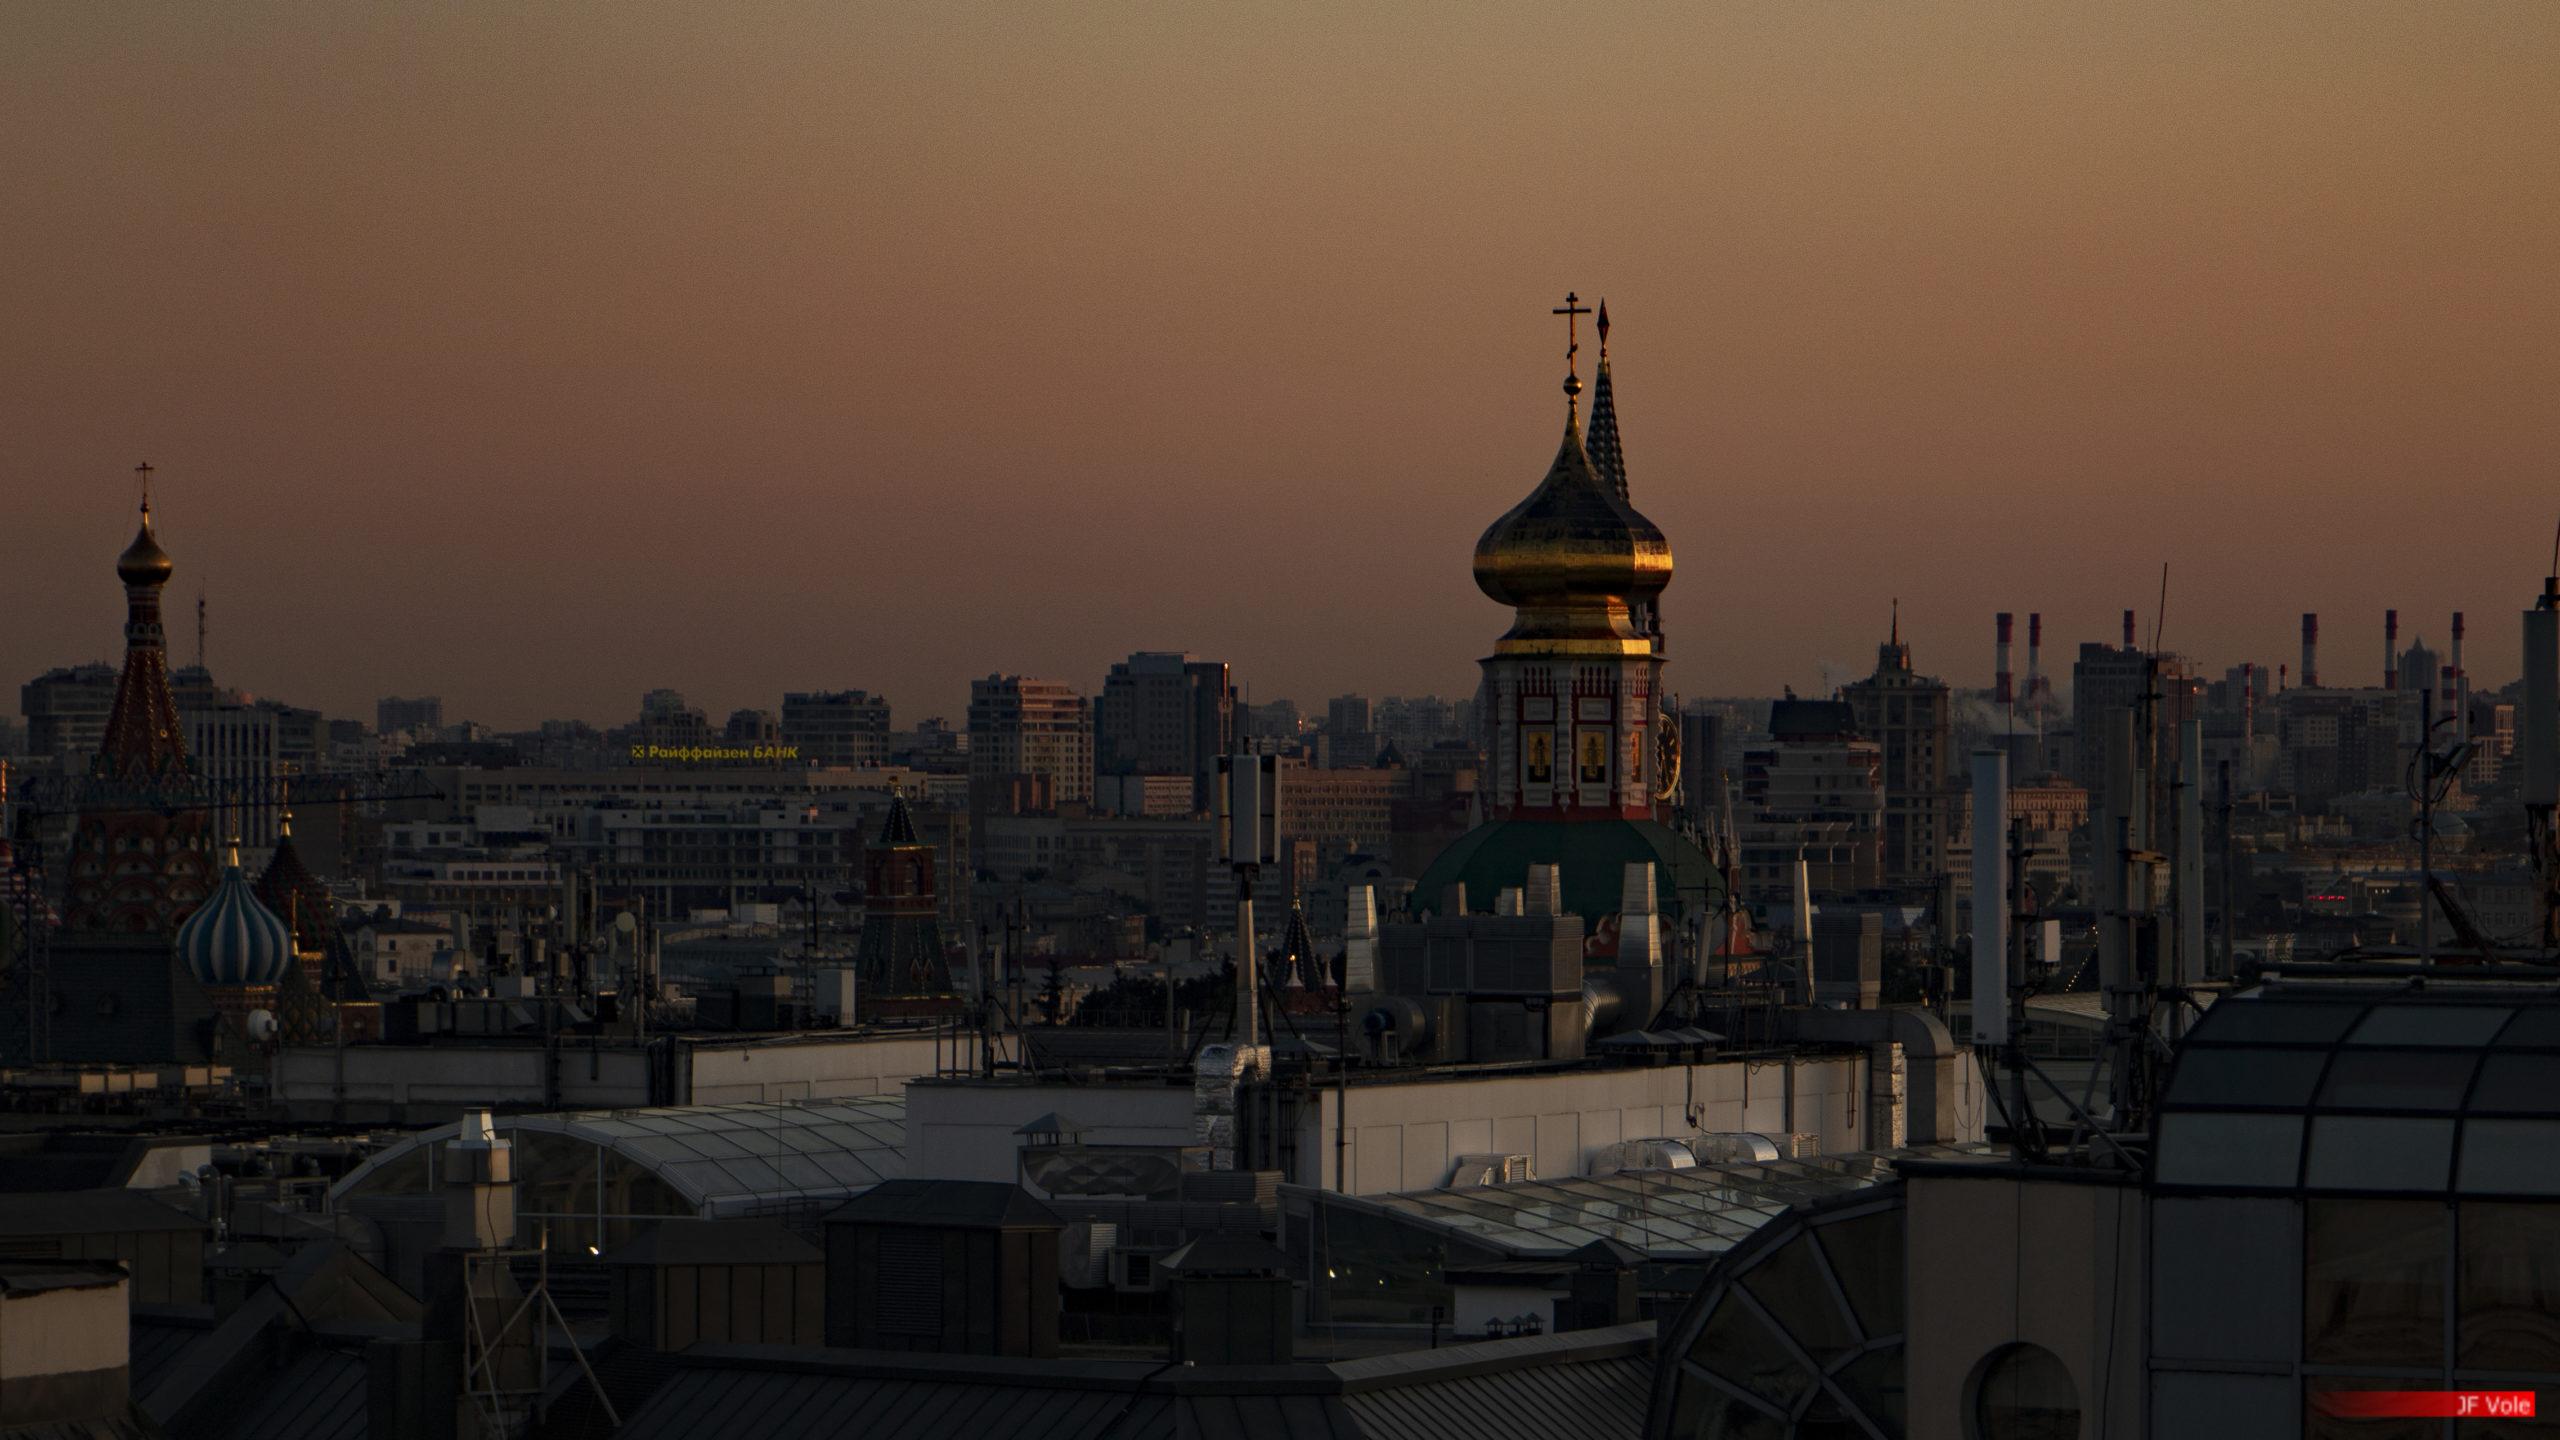 Vue depuis les toits des Magasin Dietsky mir. Moscou, septembre 2018.